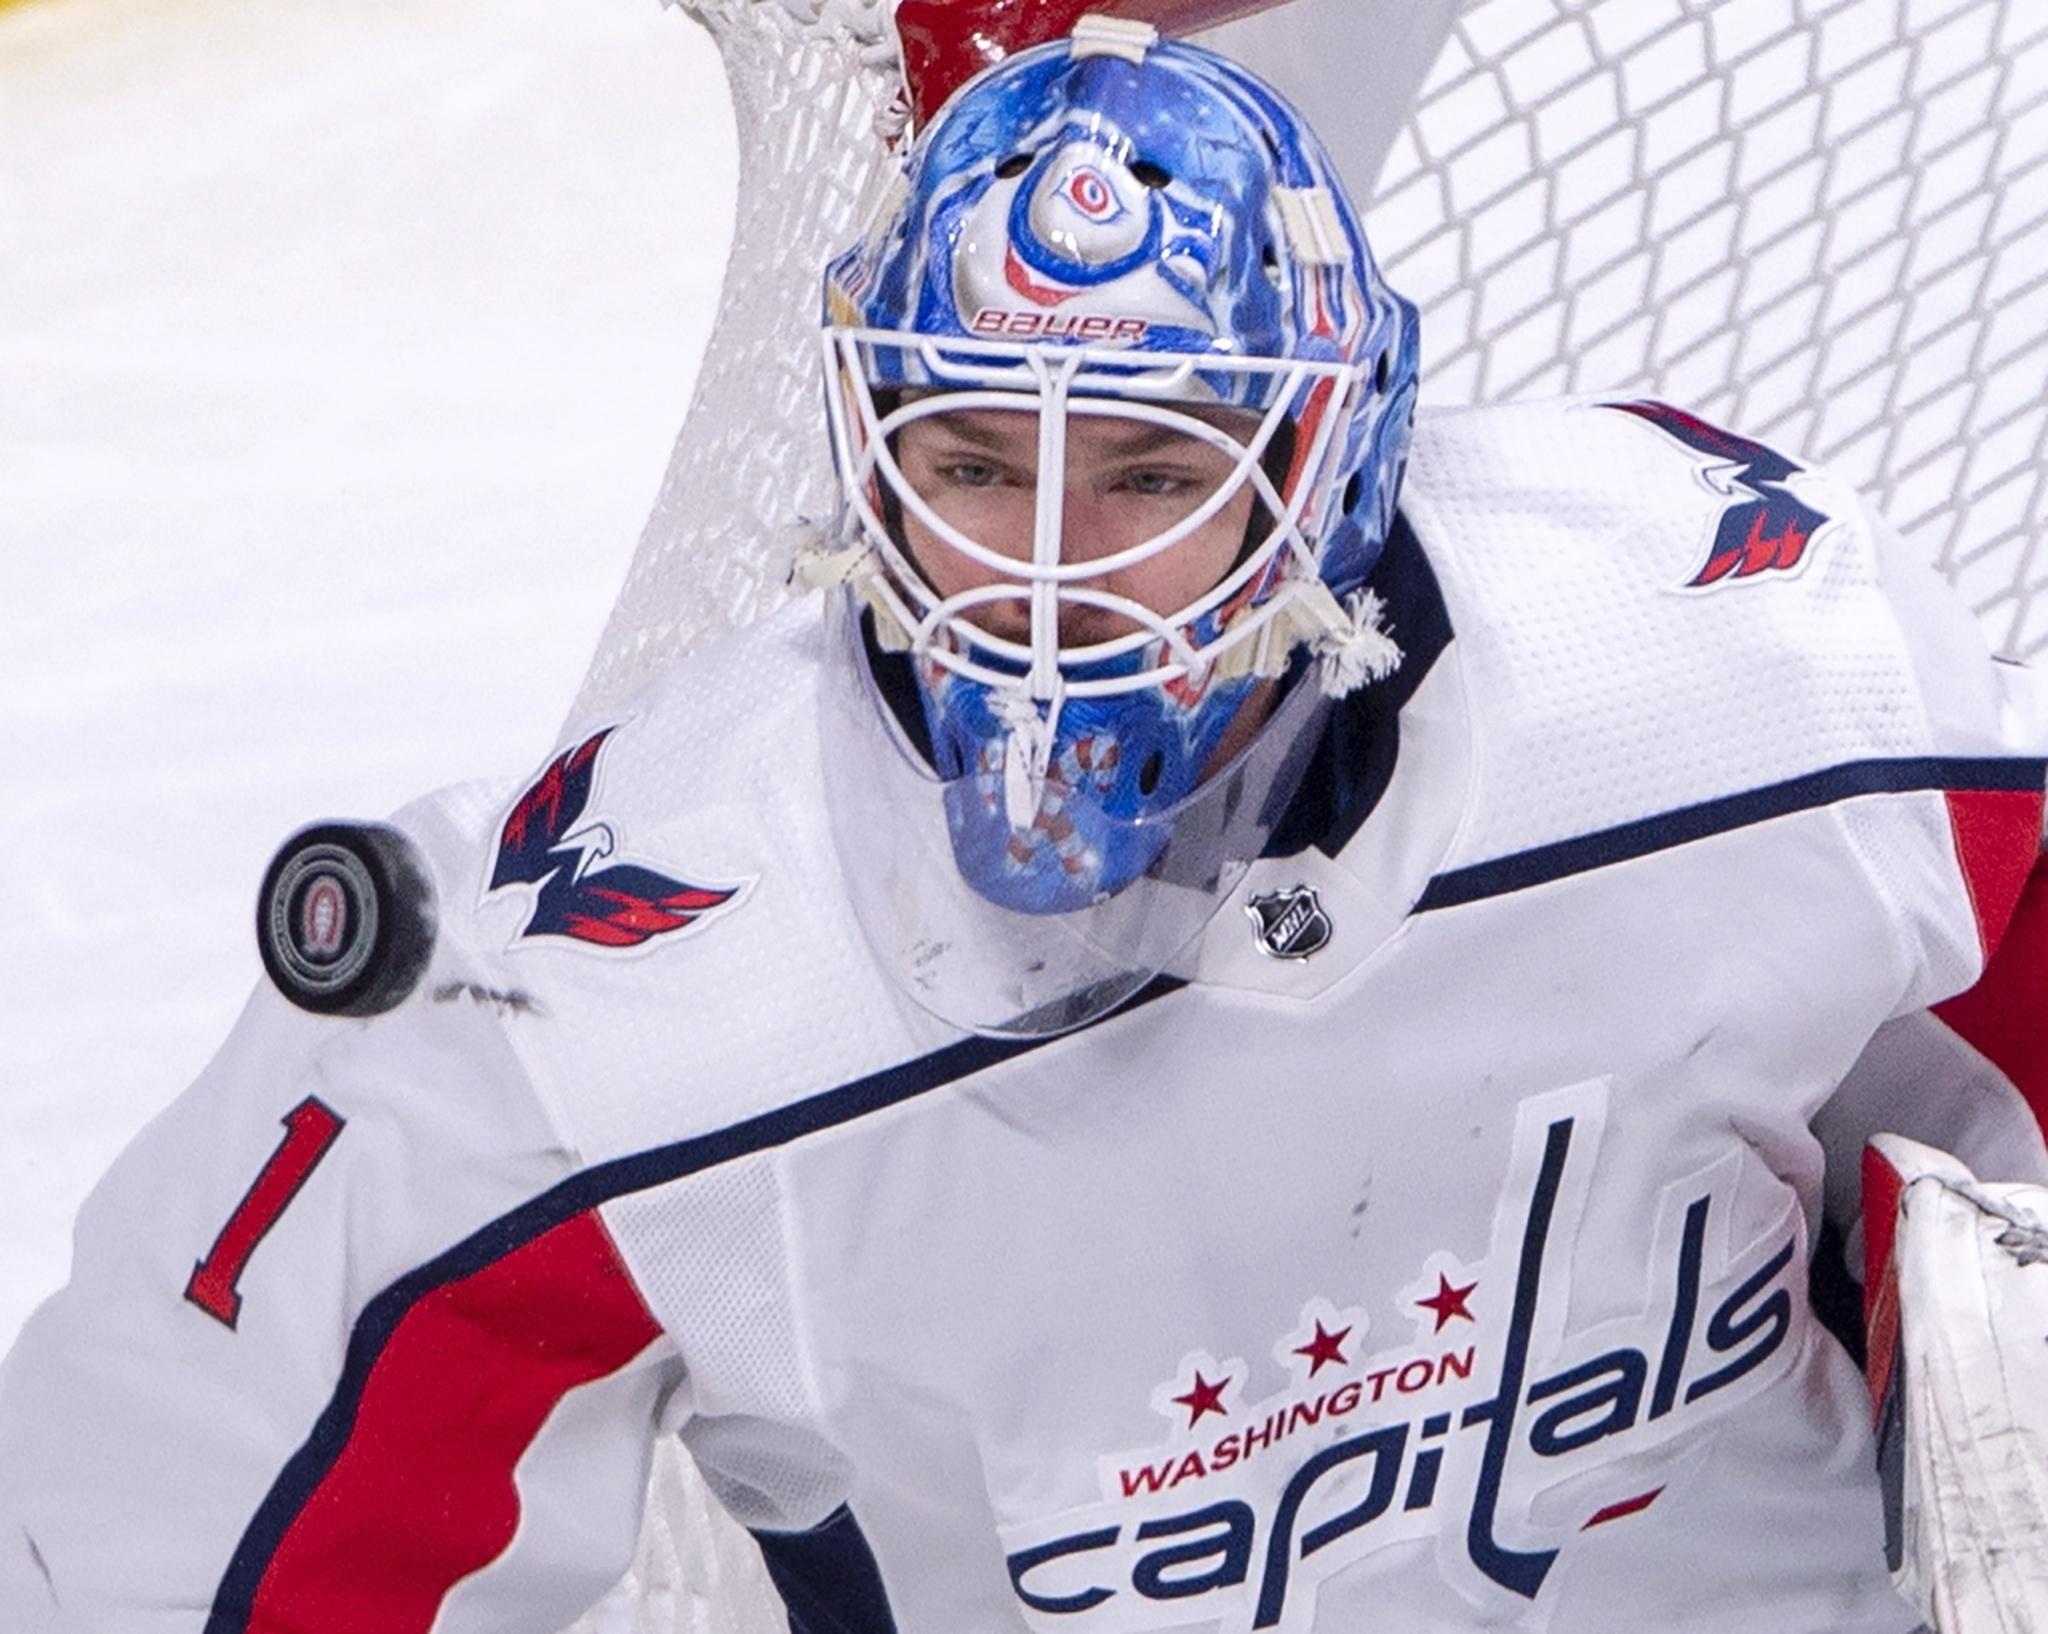 Capitals_canadiens_hockey_58974_s2048x1634